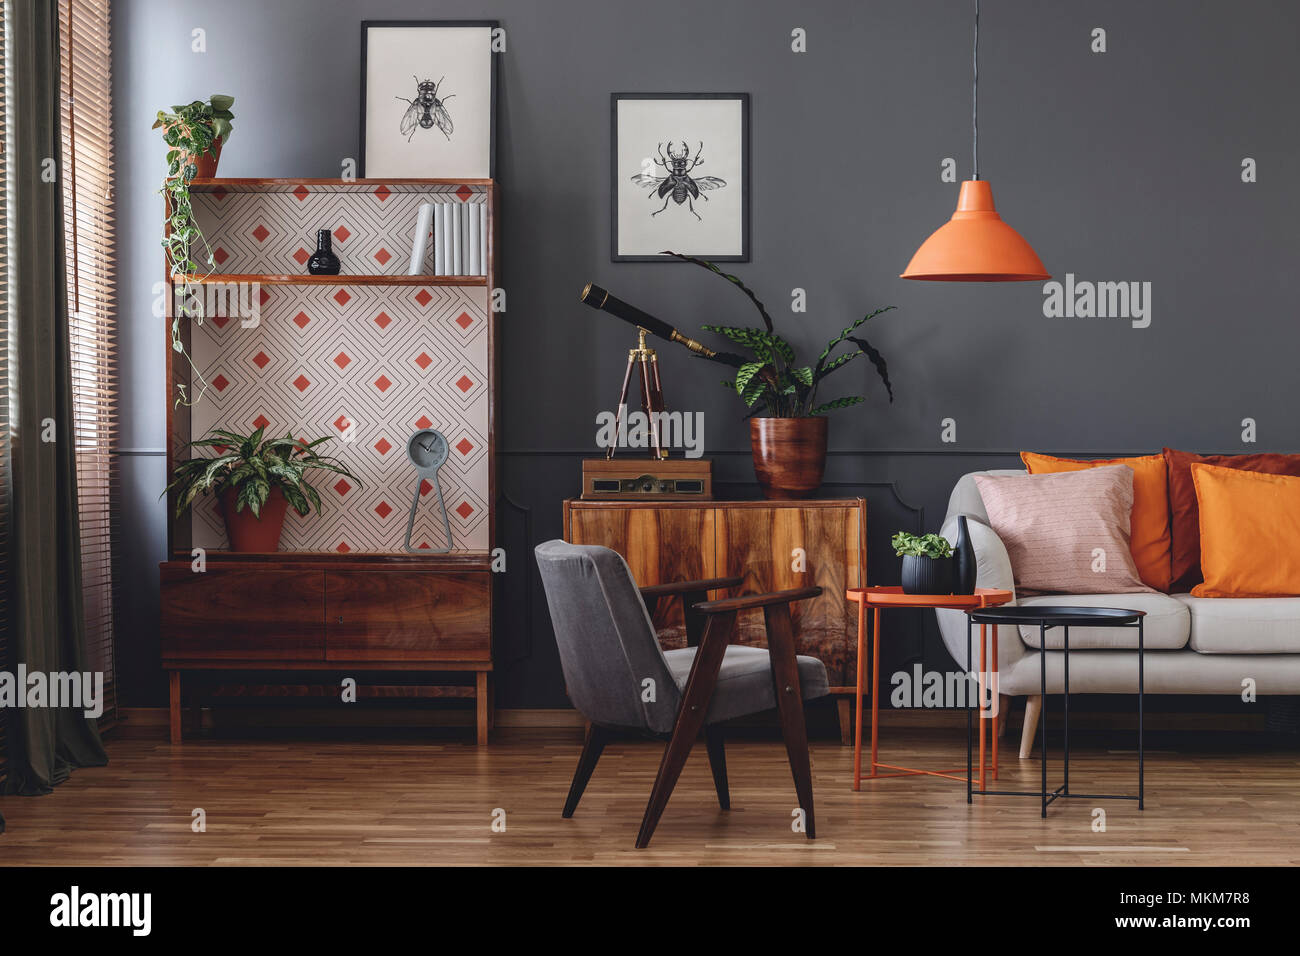 Poster auf der grauen Wand in vintage Wohnzimmer Einrichtung mit ...